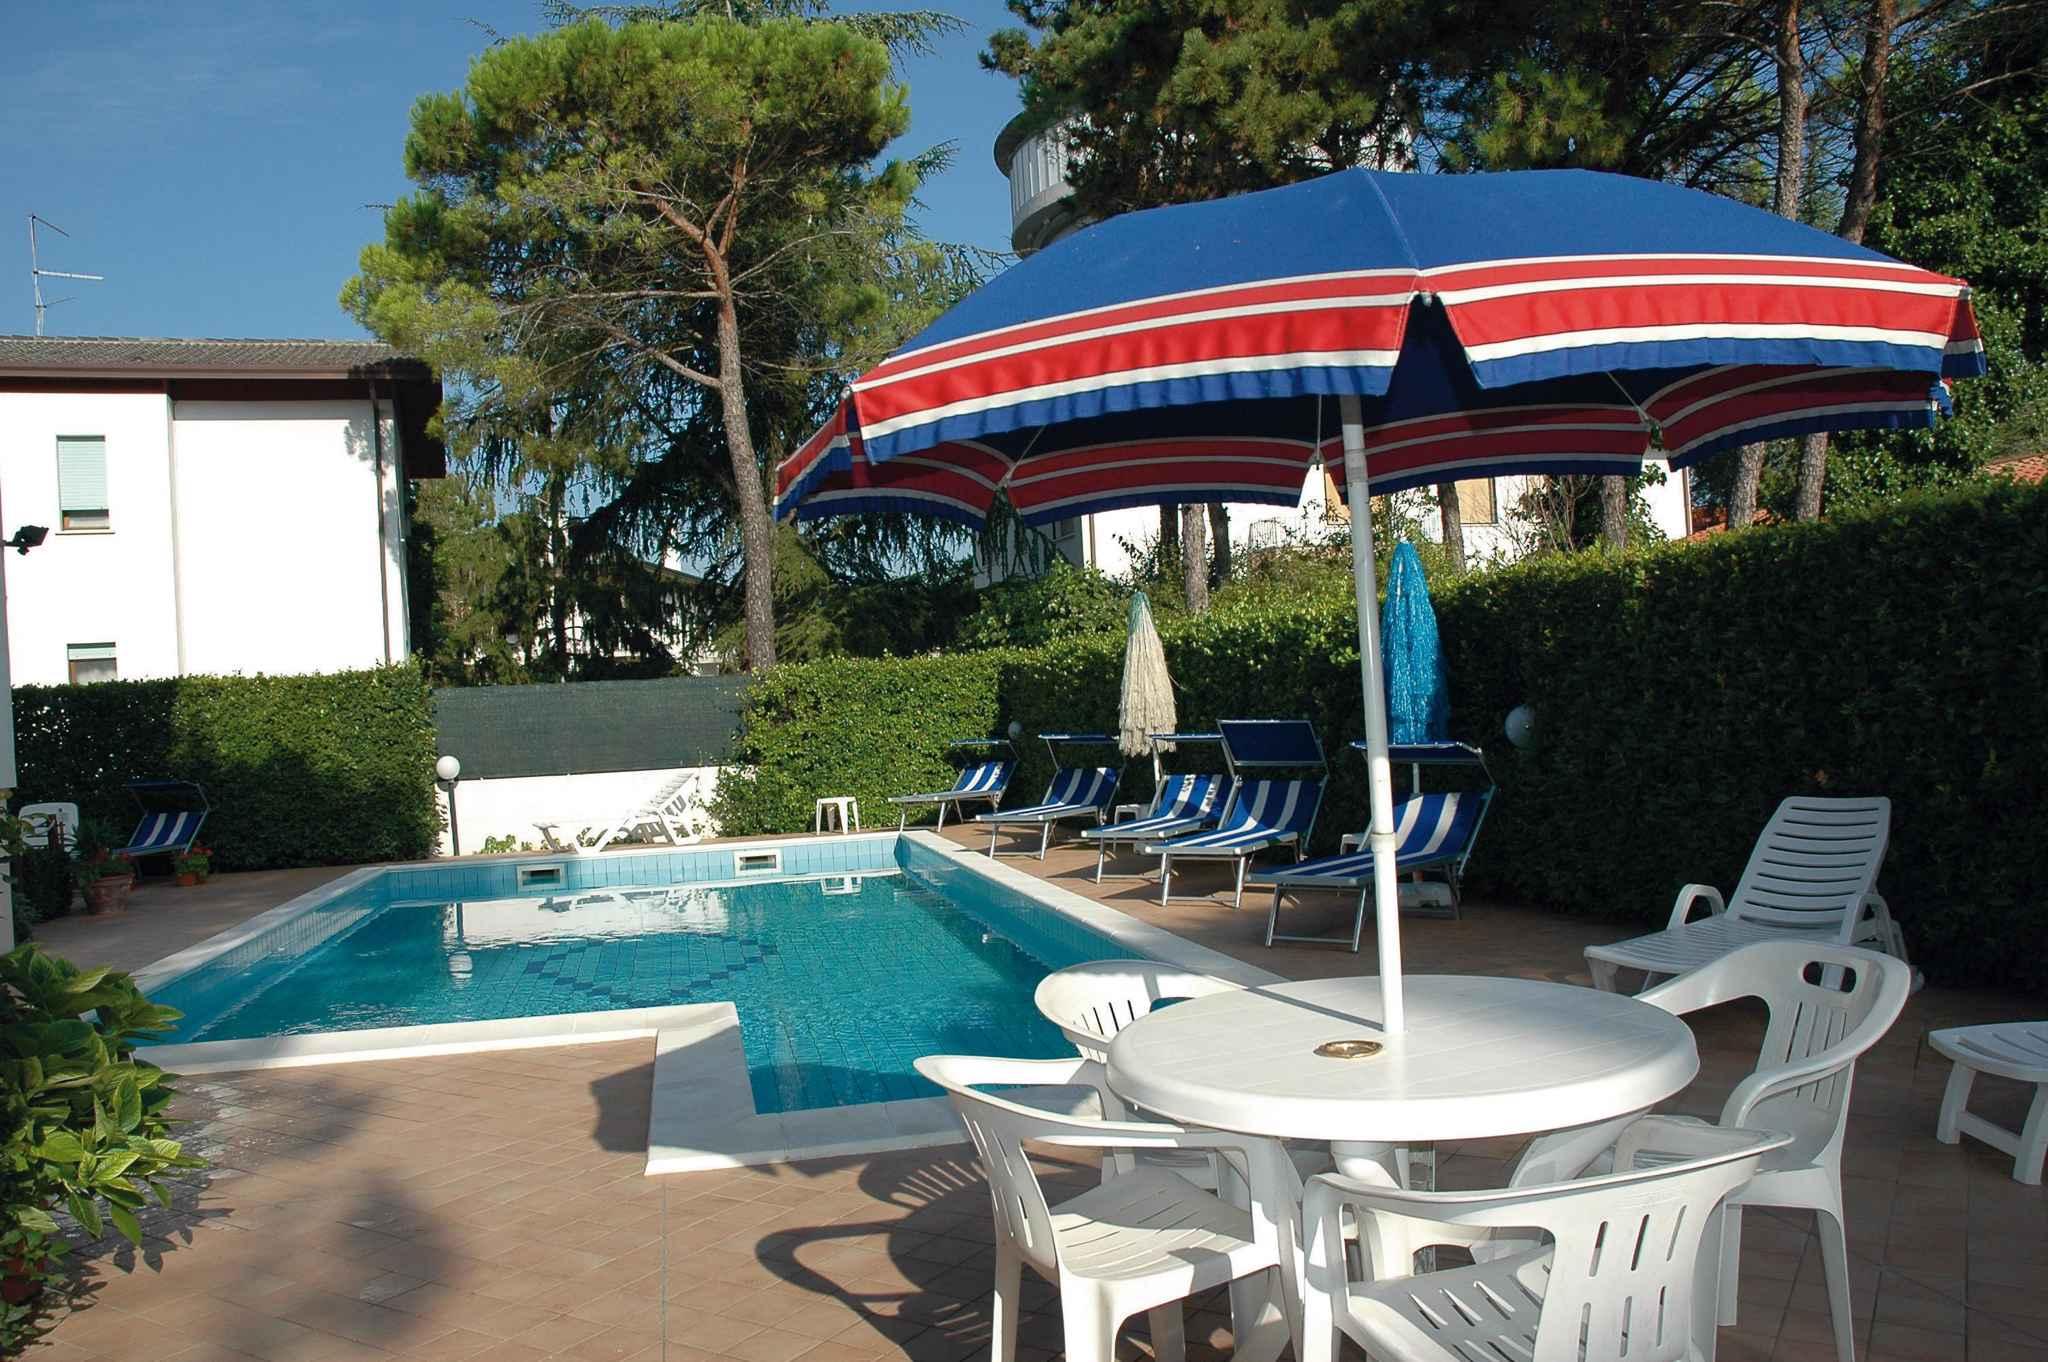 Ferienwohnung mit Pool im Grünen (279343), Lignano Sabbiadoro, Adriaküste (Friaul-Julisch Venetien), Friaul-Julisch Venetien, Italien, Bild 2